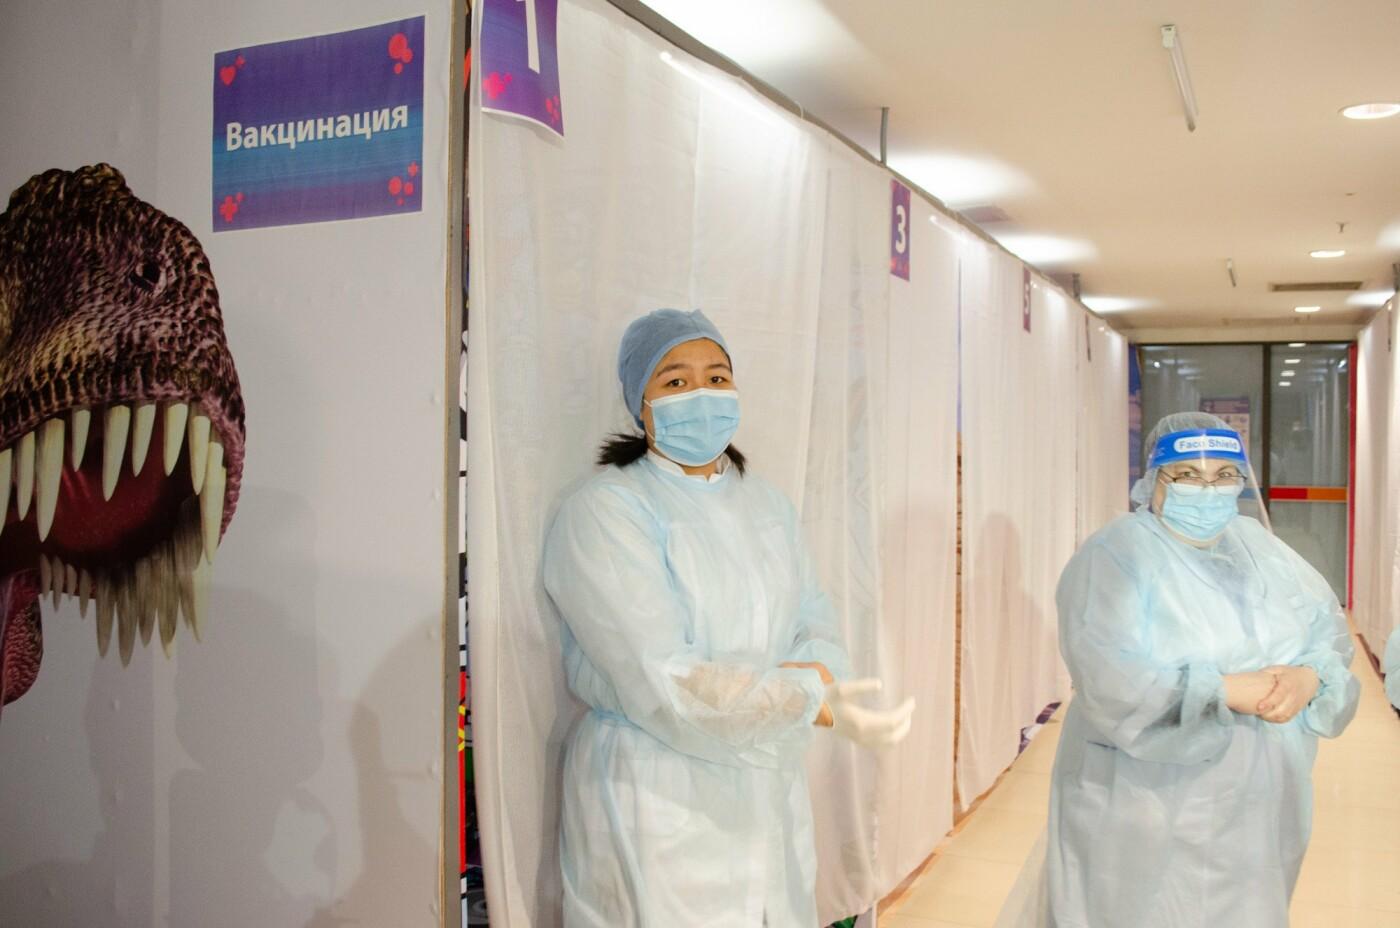 Как в ТРЦ Алматы проходит массовая вакцинация казахстанской вакциной QazVac, фото-2